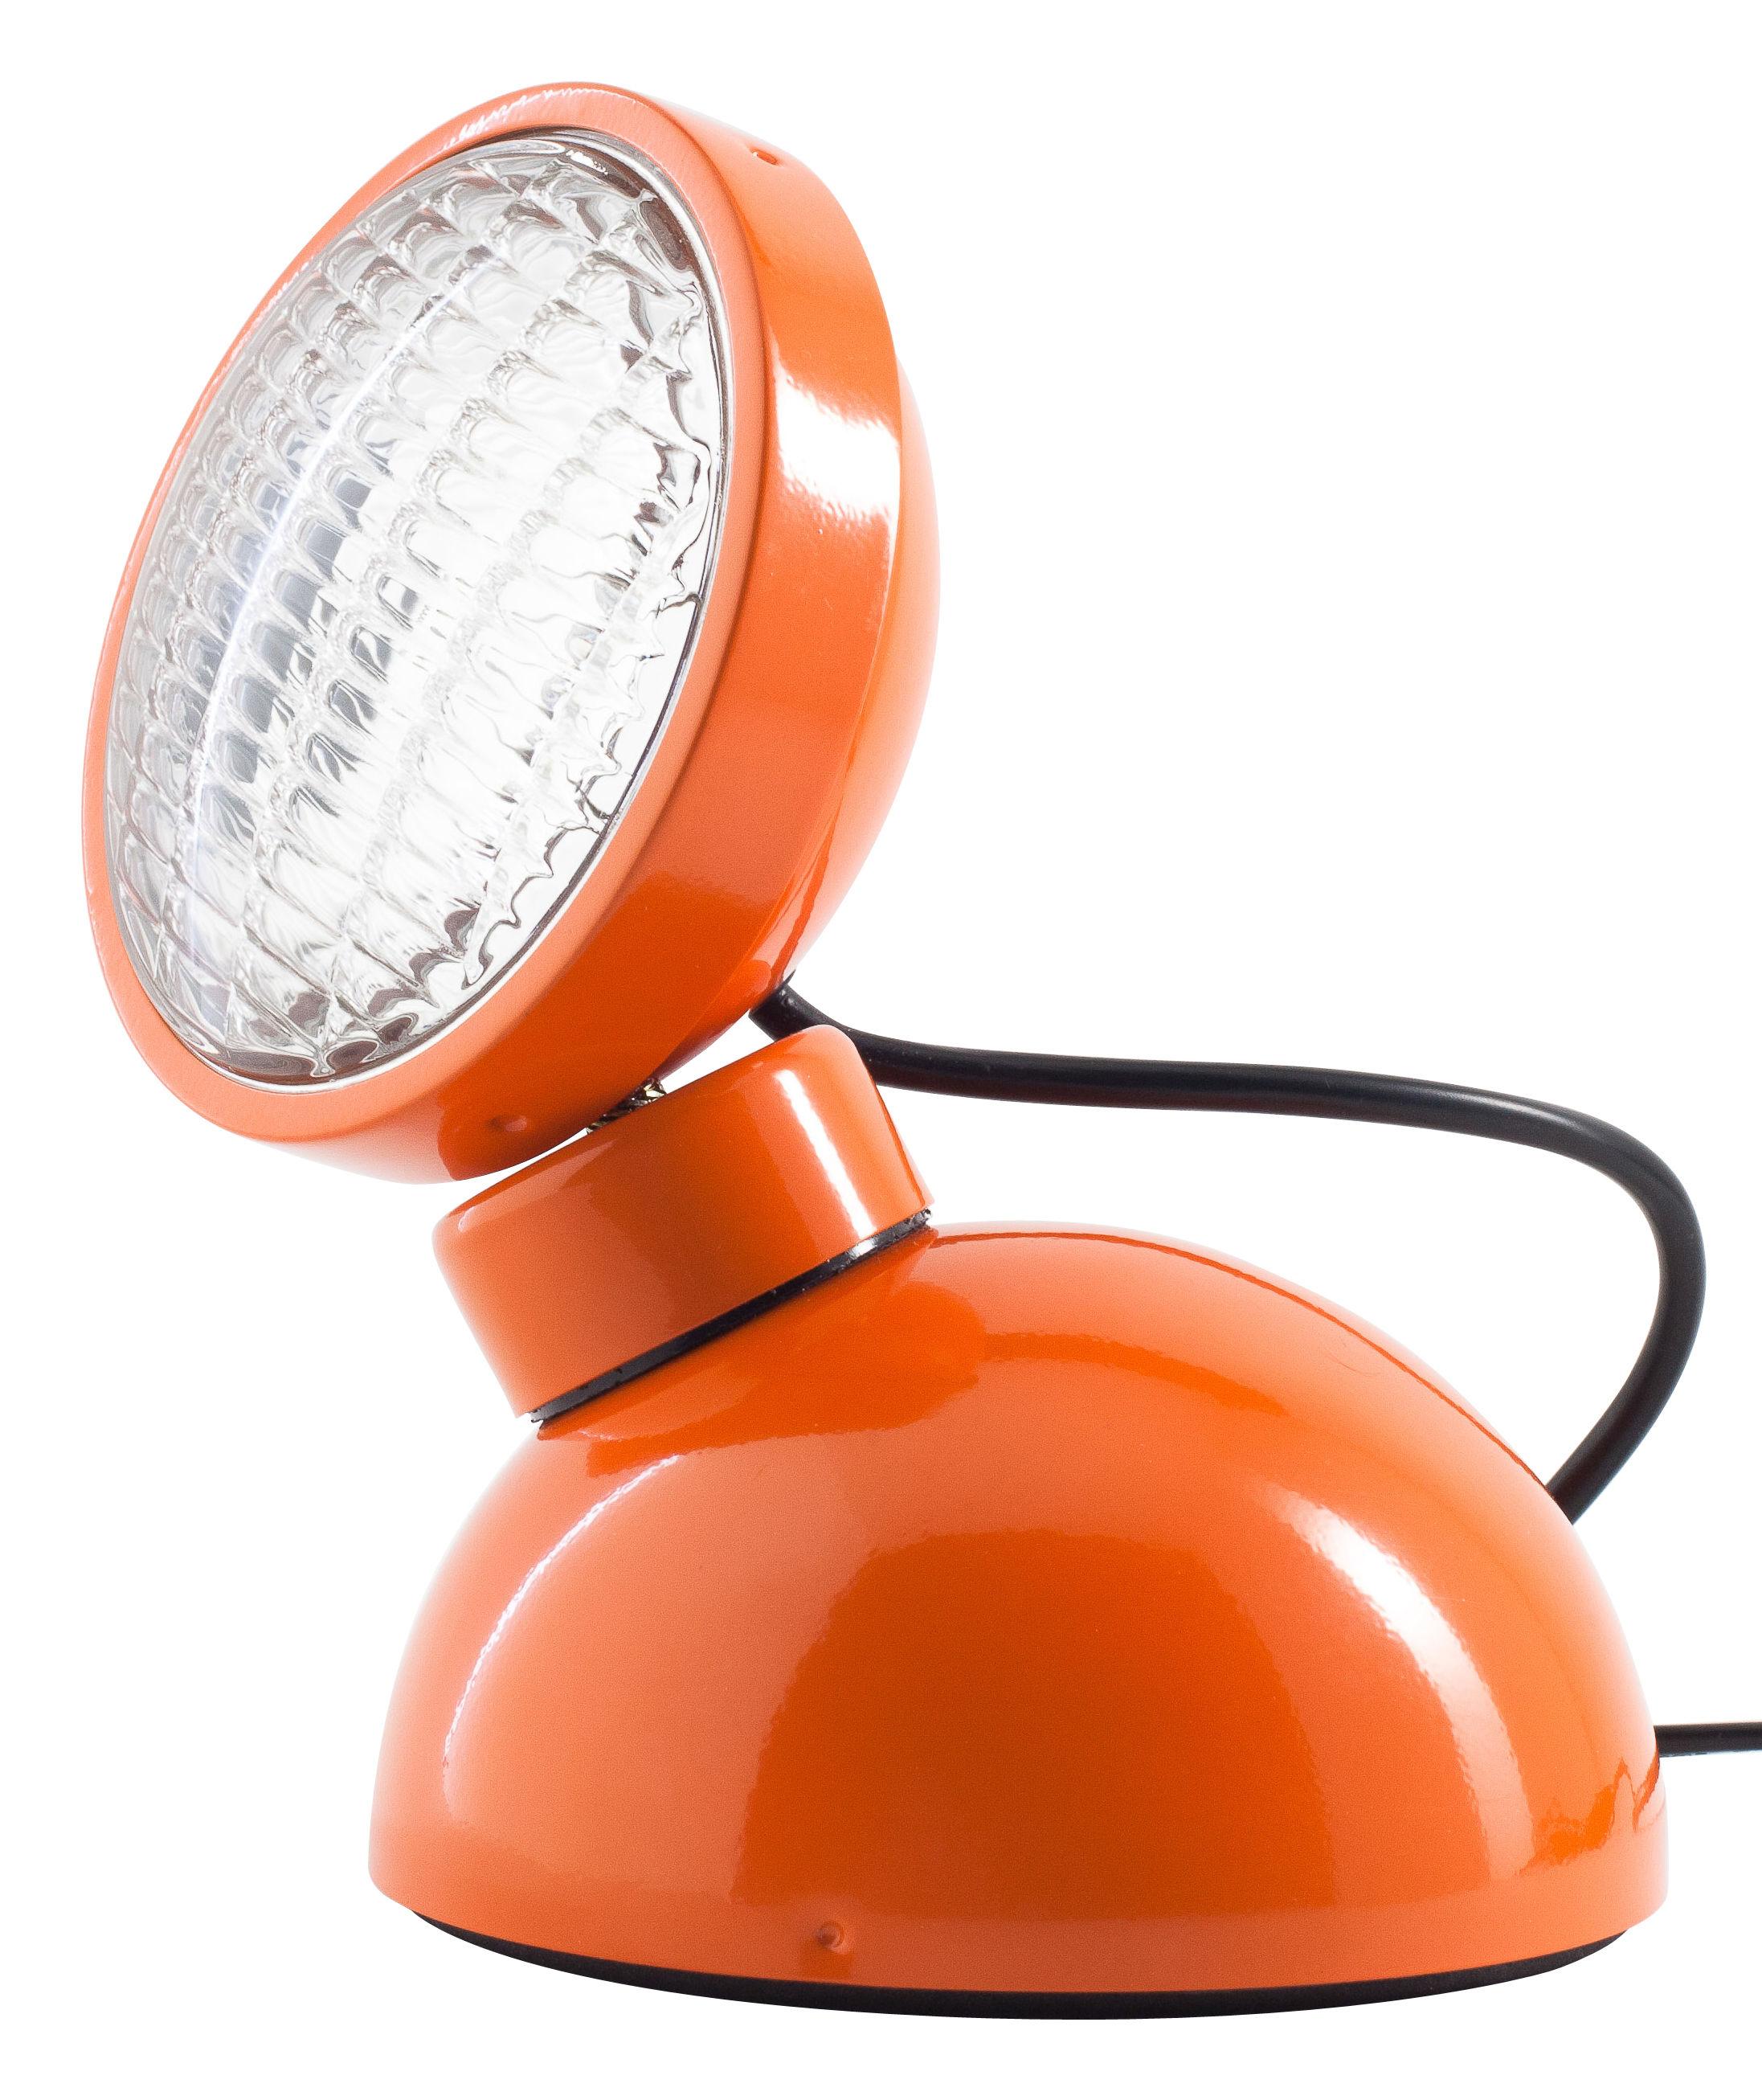 Luminaire - Lampes de table - Lampe de table 1969 - Azimut Industries - Orange - Métal laqué